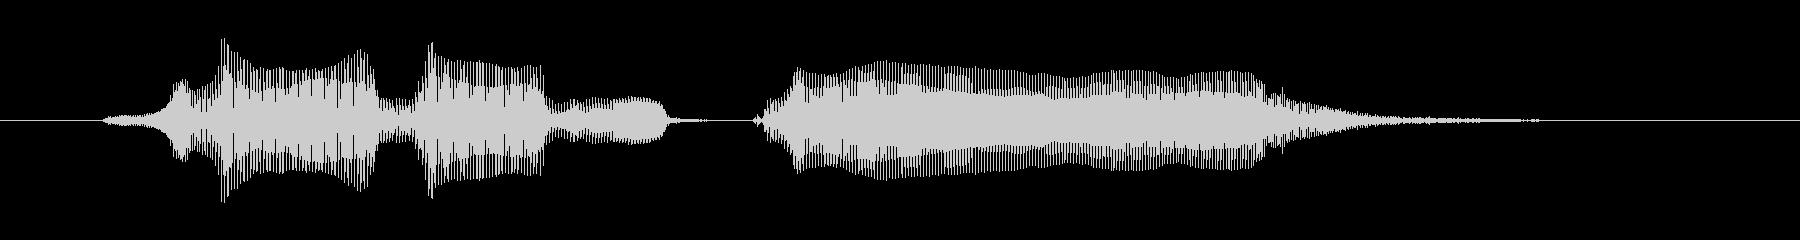 やられた〜の未再生の波形